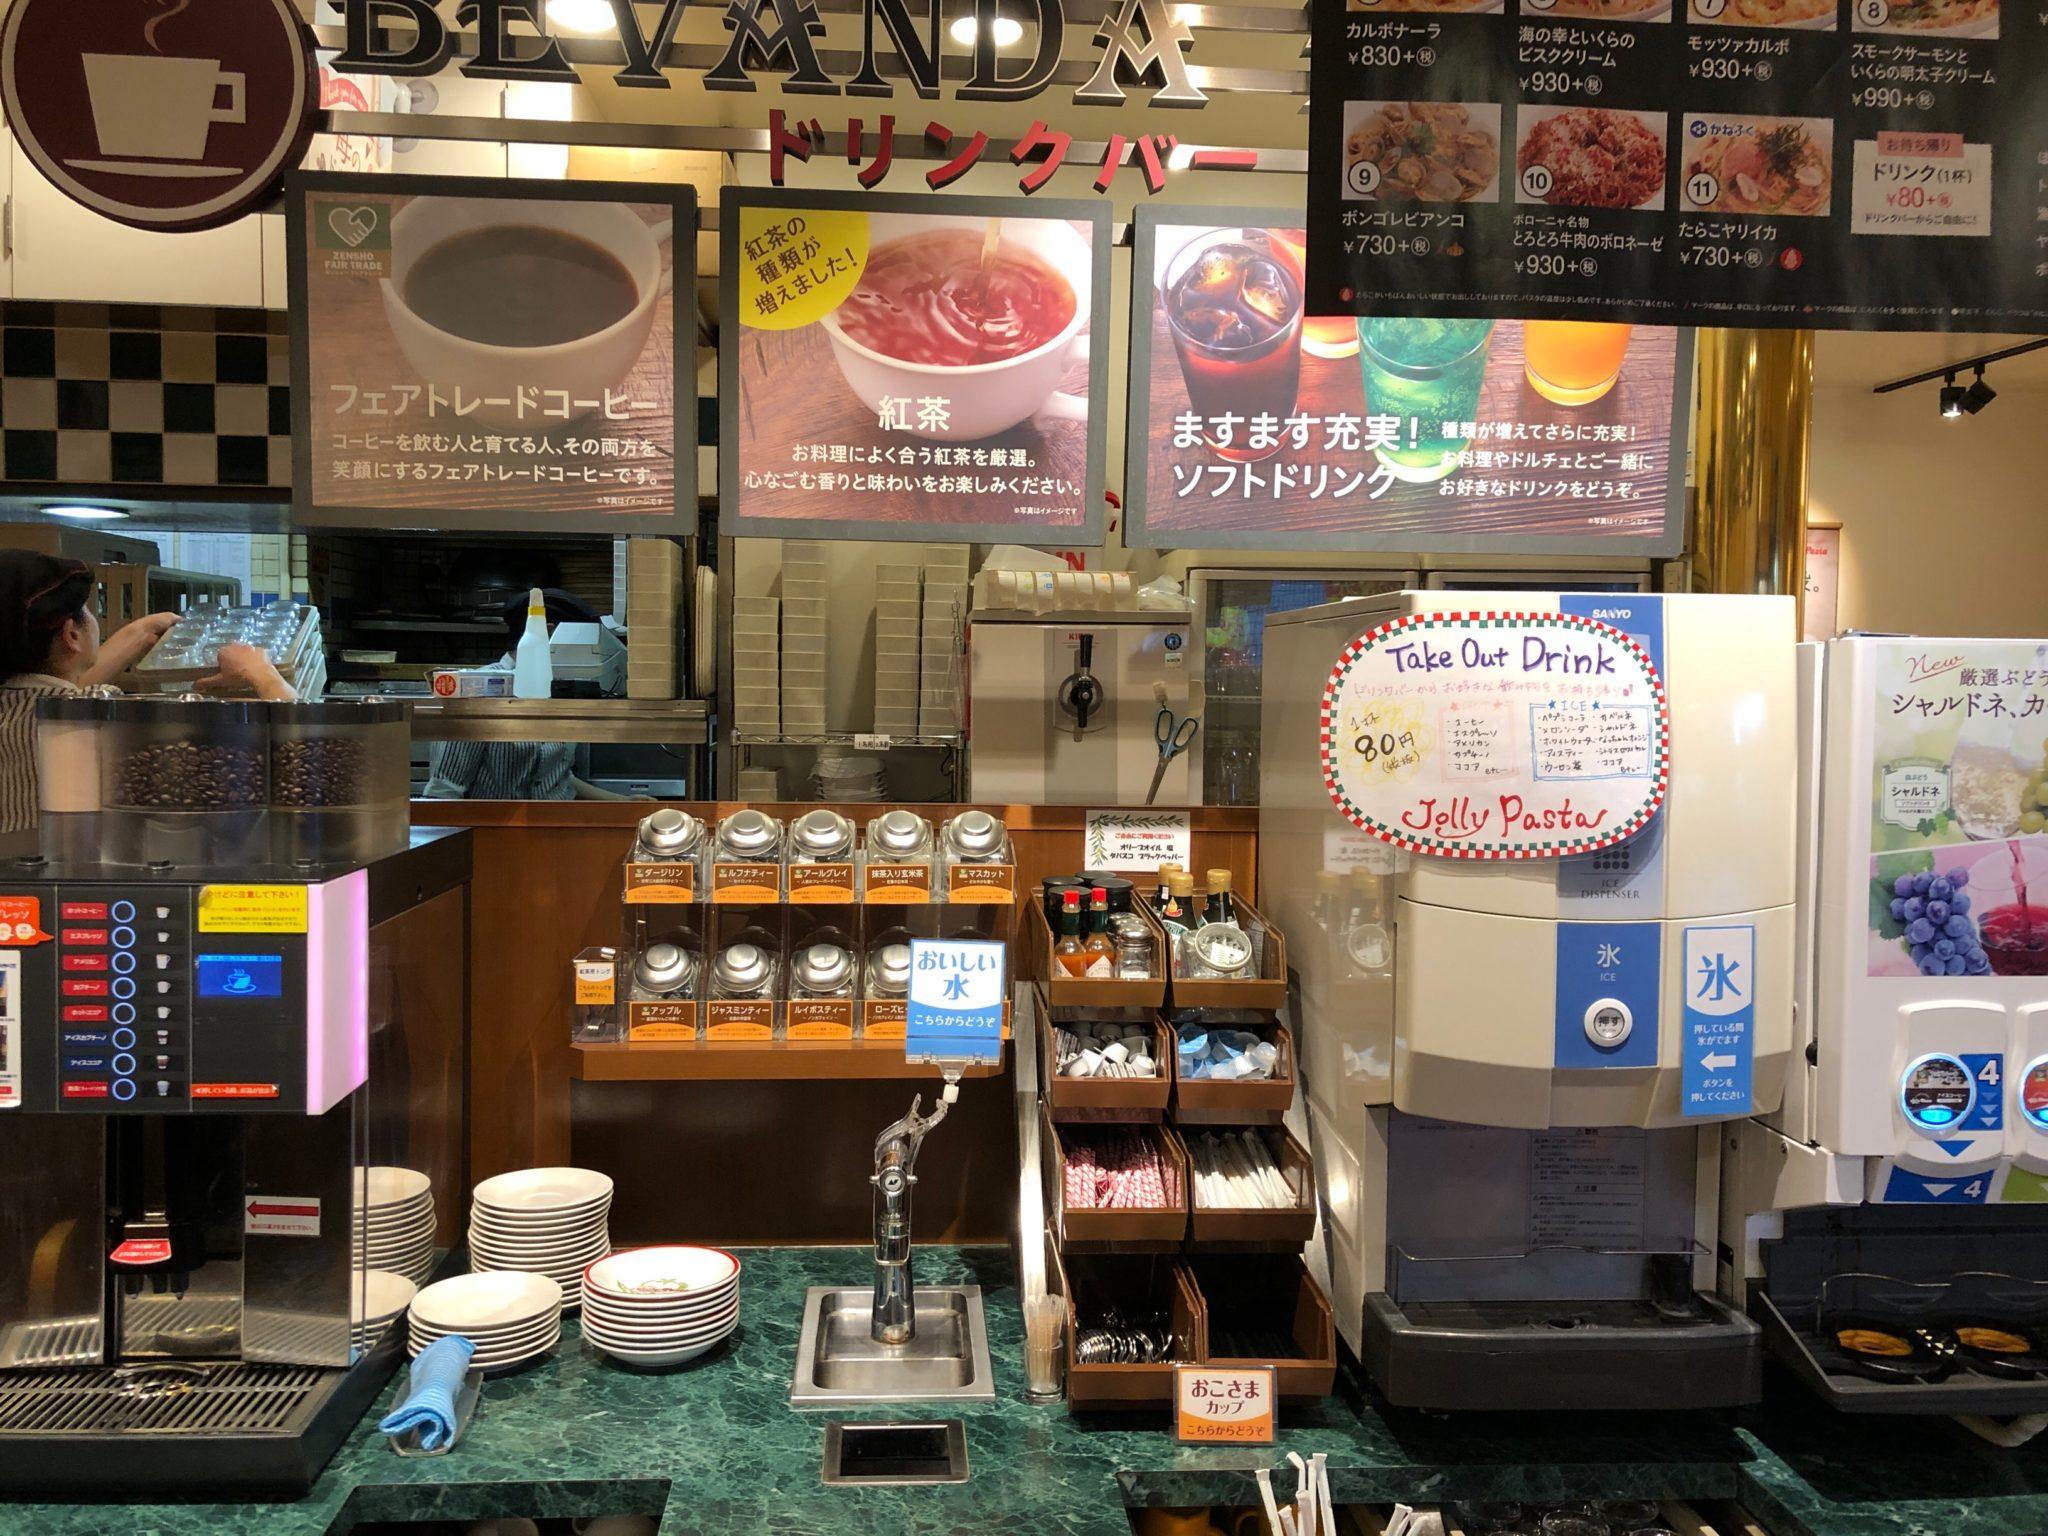 ジョリーパスタ三軒茶屋本店のドリンクバー